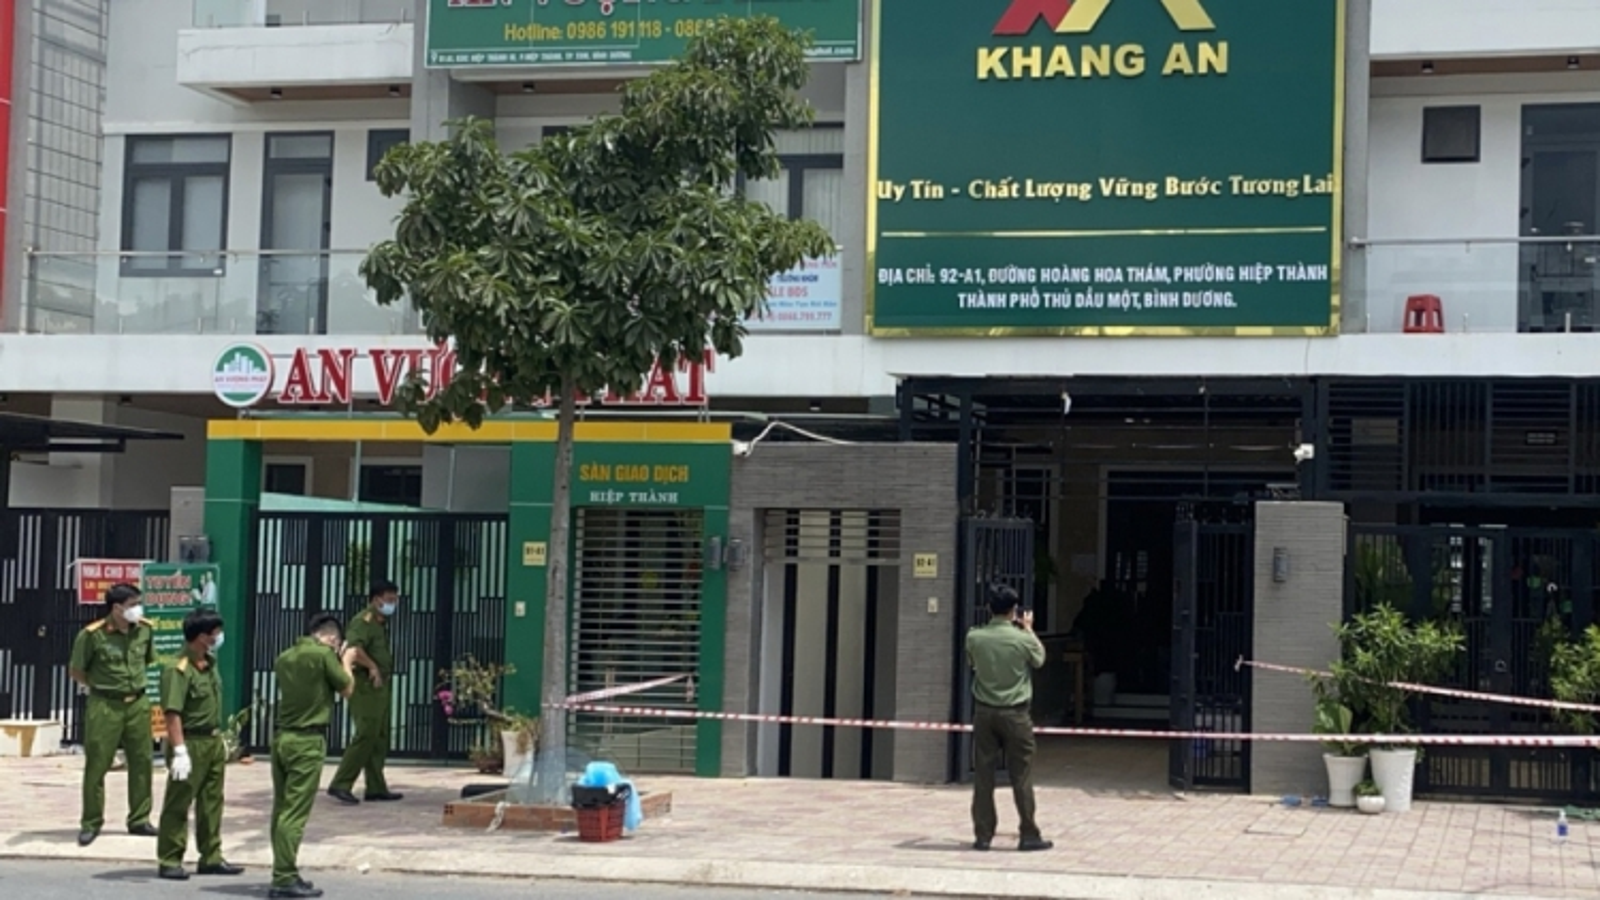 Nóng 24h: 2 người chết ở công ty bất động sản, 1 người là giám đốc